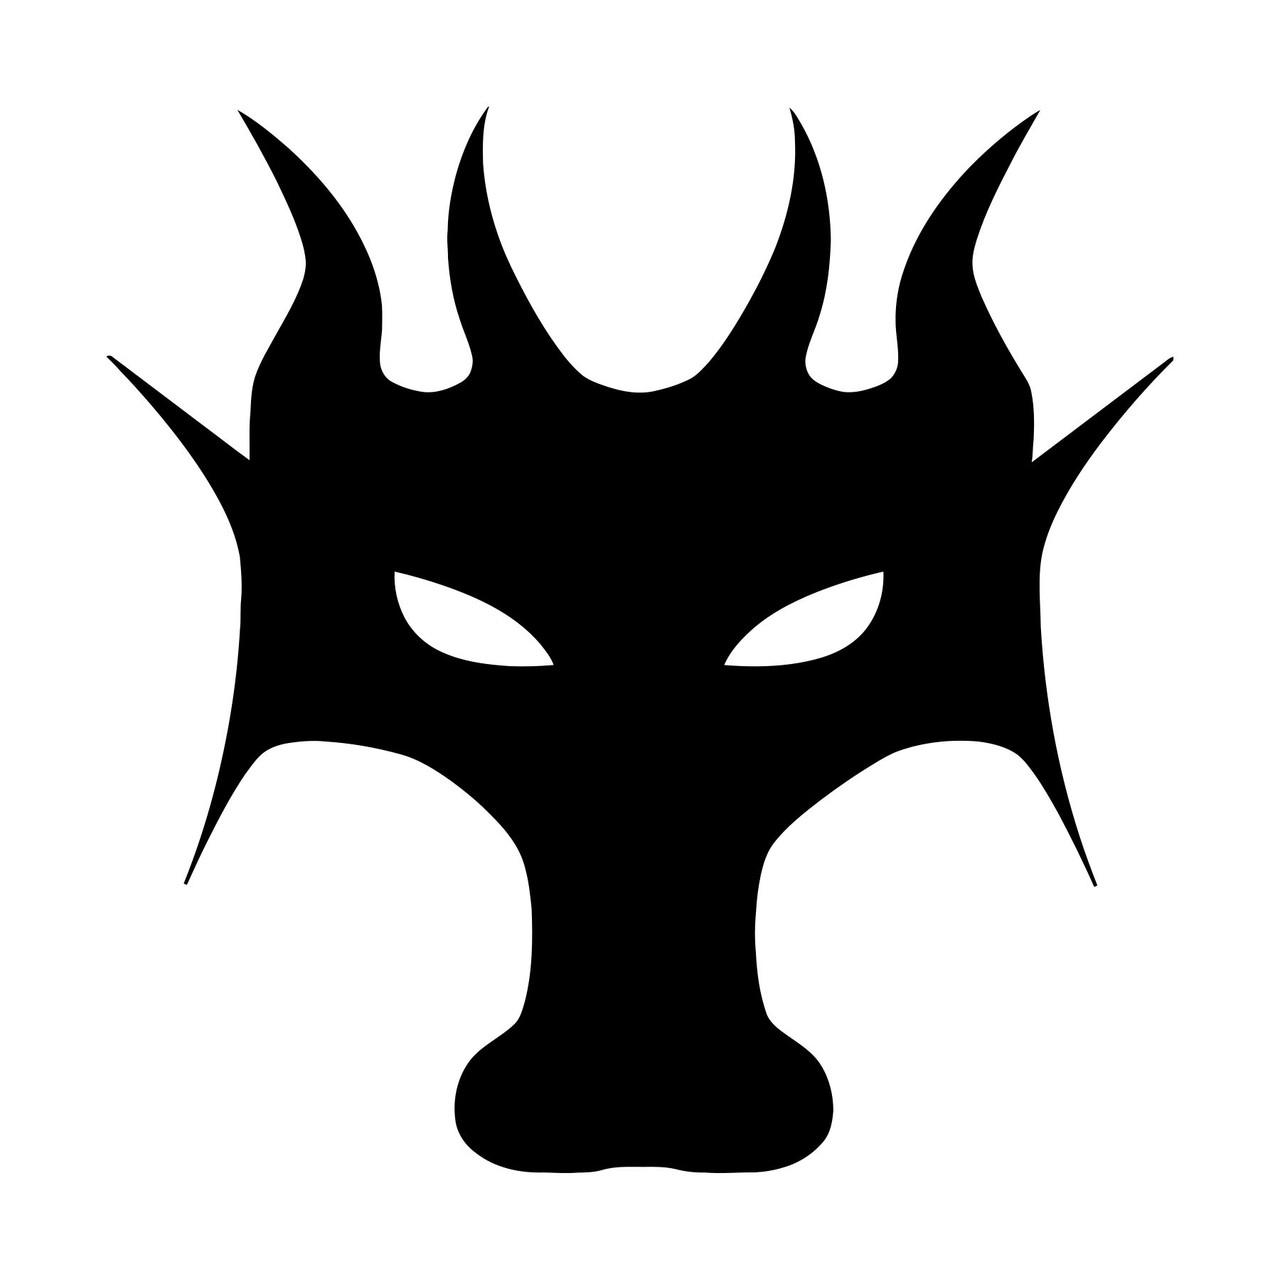 DRAGON HEAD Vinyl Decal Sticker -V1- Wyvern Fantasy Mythology